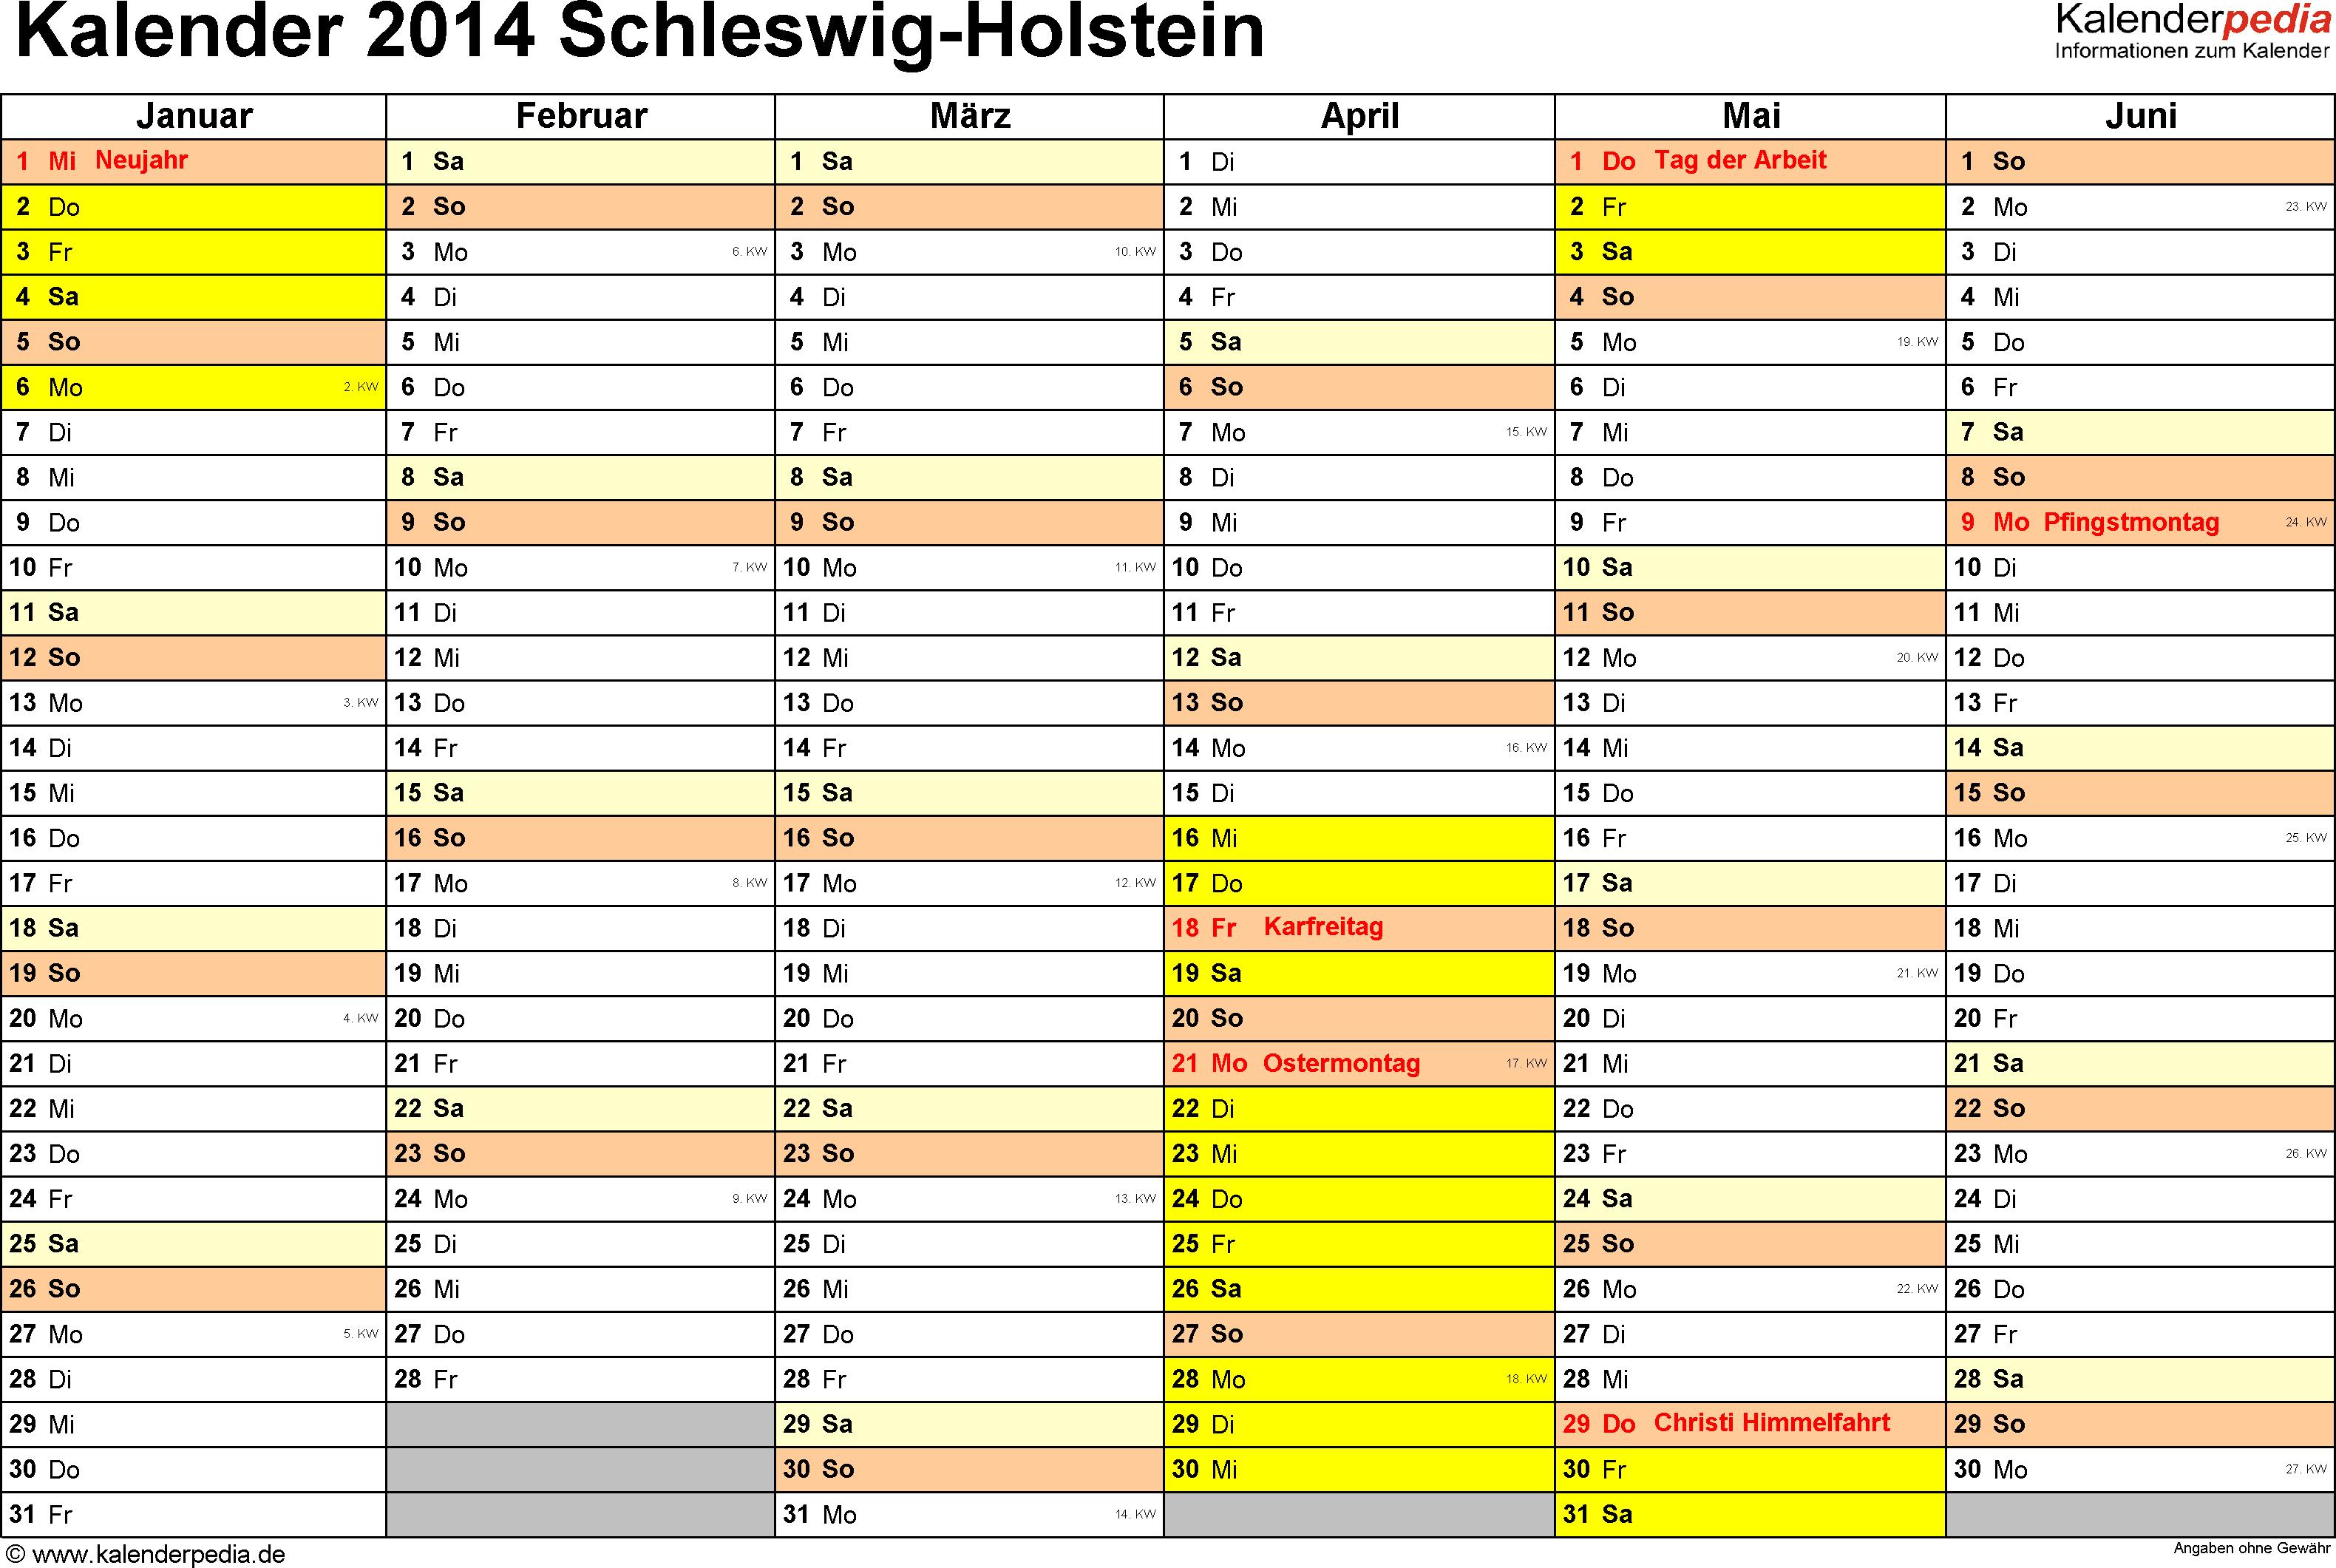 Vorlage 2: Kalender 2014 für Schleswig-Holstein als Excel-Vorlage (Querformat, 2 Seiten)